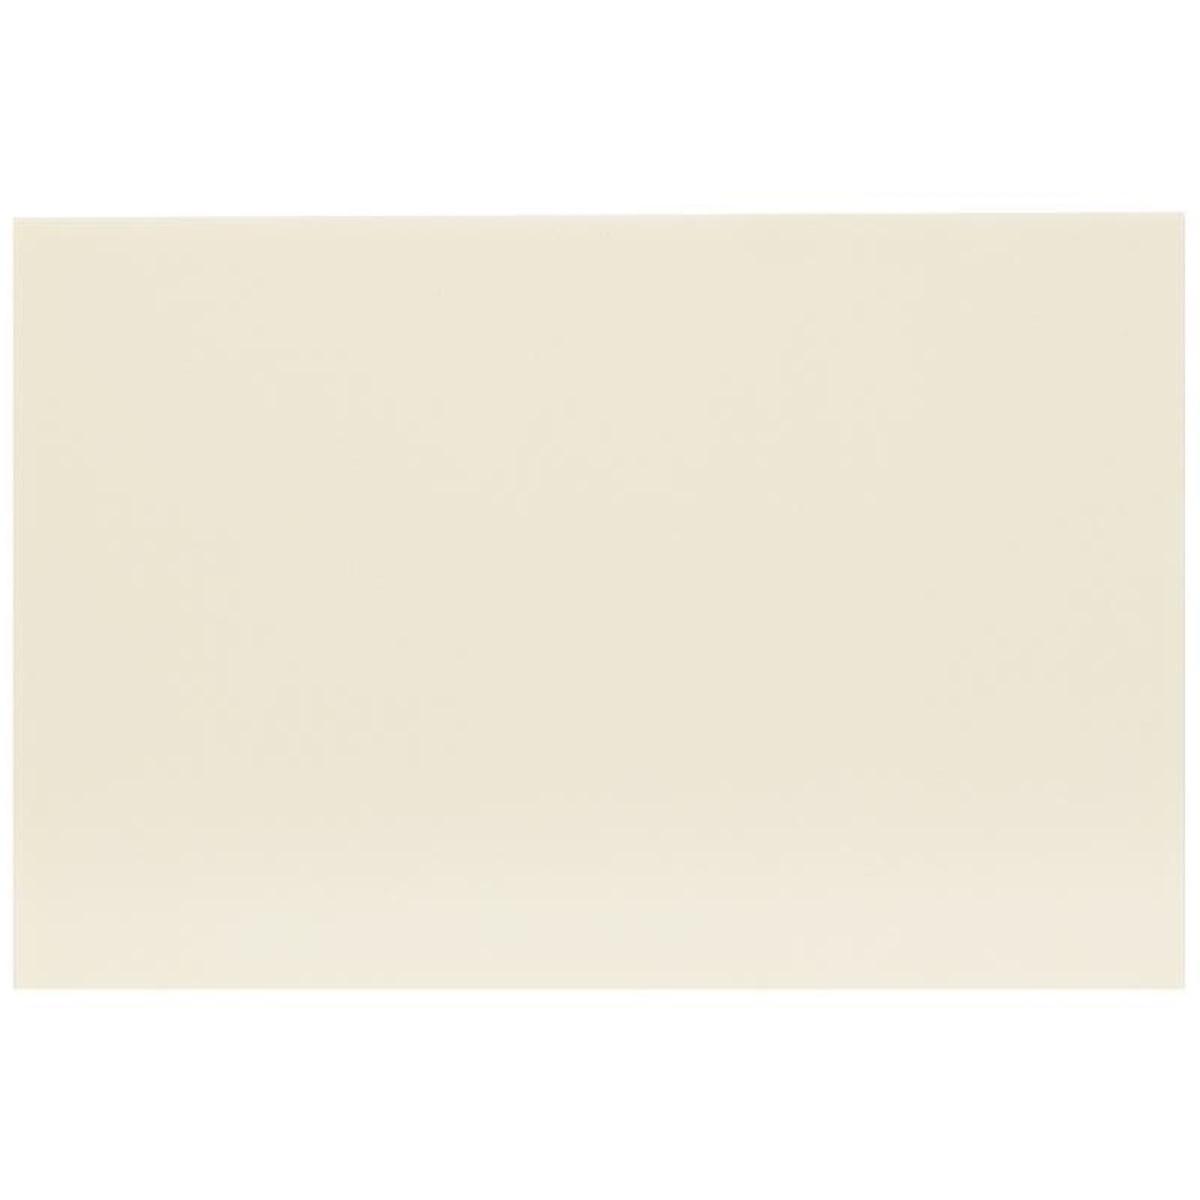 Плитка настенная Эквилибрио 30х20 см 1.2 м2 цвет бежевый